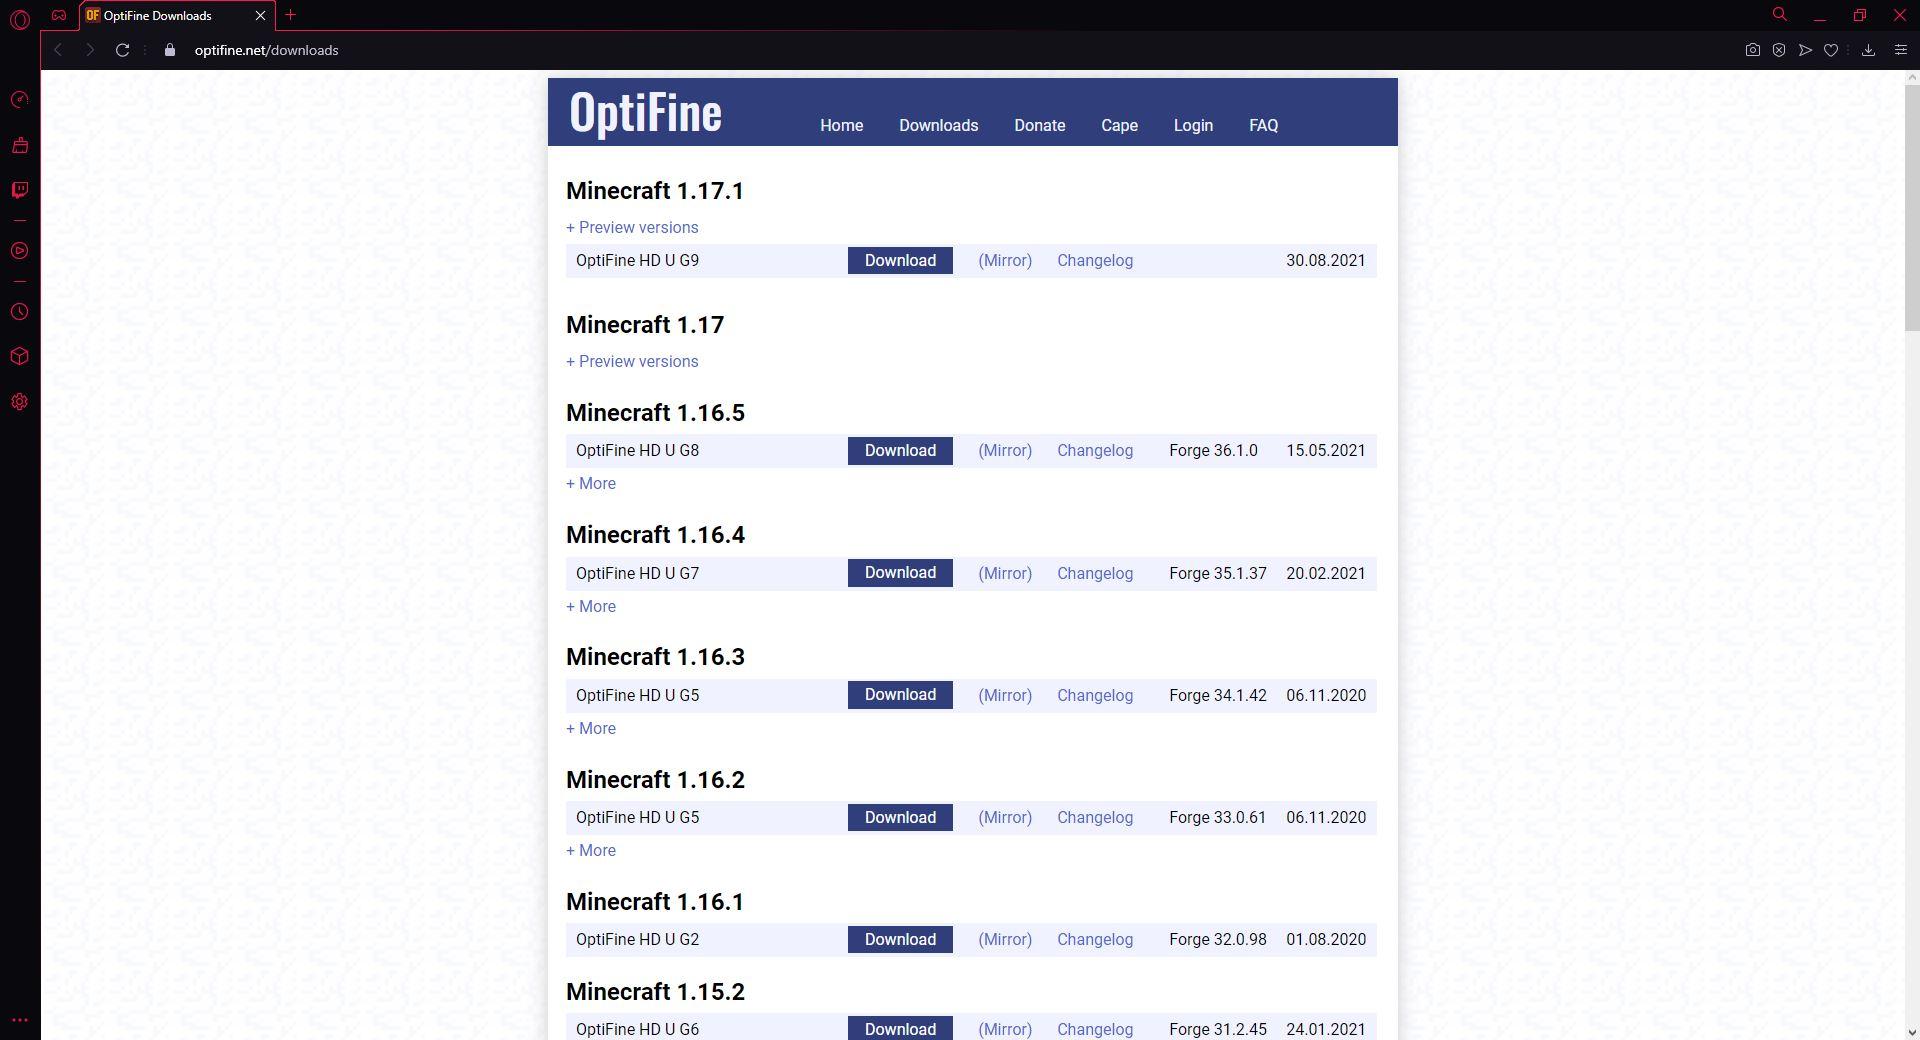 Zum Zeitpunkt des Screenshots gab es für Minecraft-Version 1.17.x keine Optifine-Version, die mit Forge kompatibel gewesen wäre.